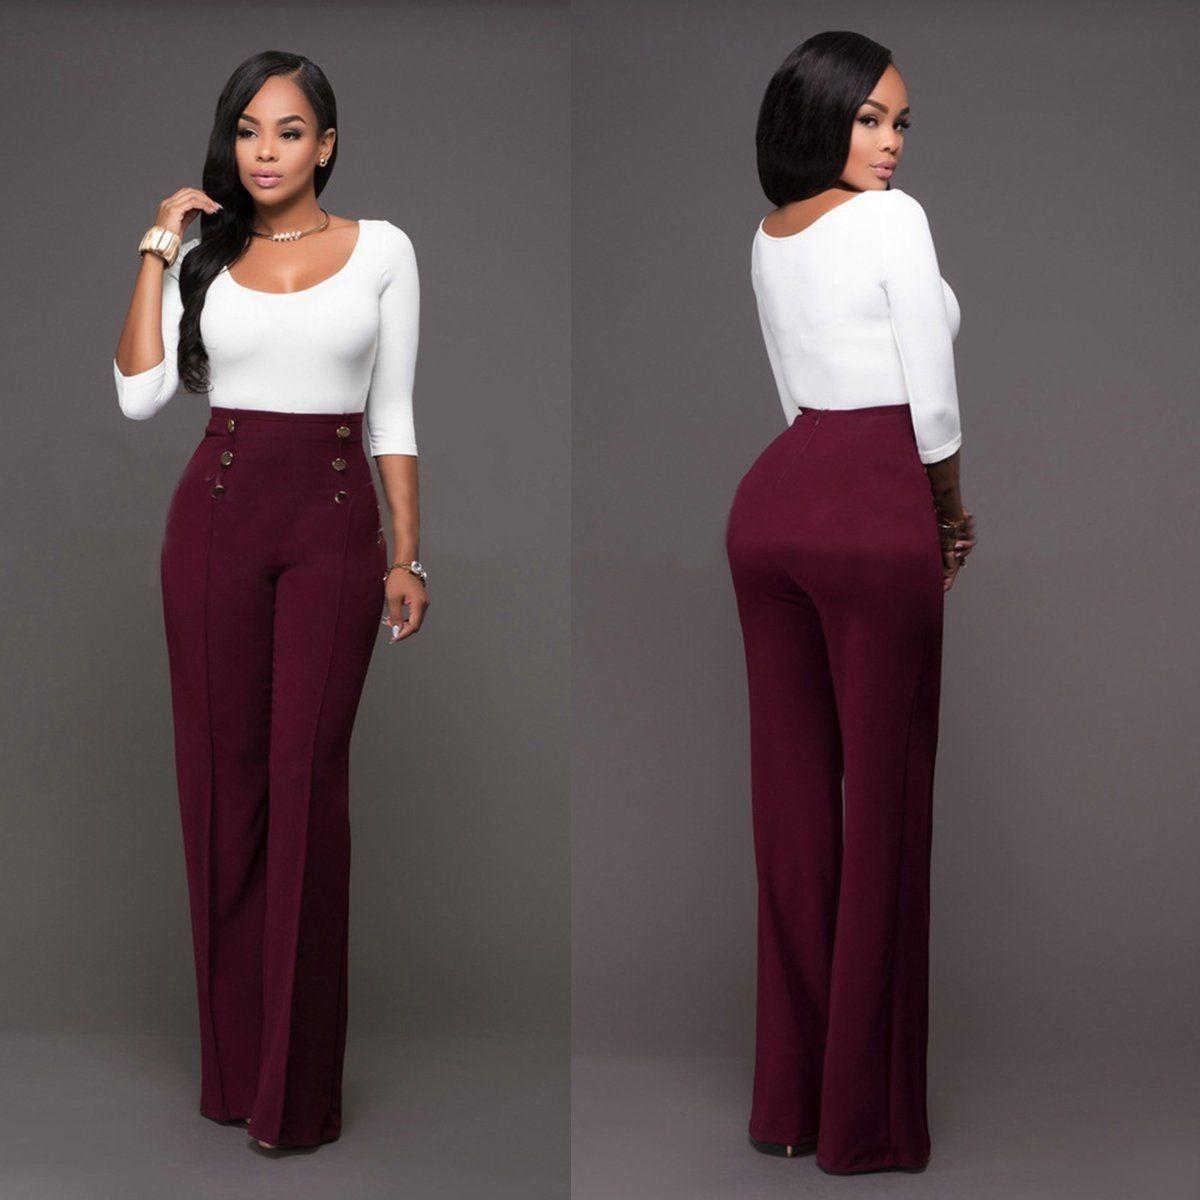 Pantalones Elegantes Tienda Online De Zapatos Ropa Y Complementos De Marca